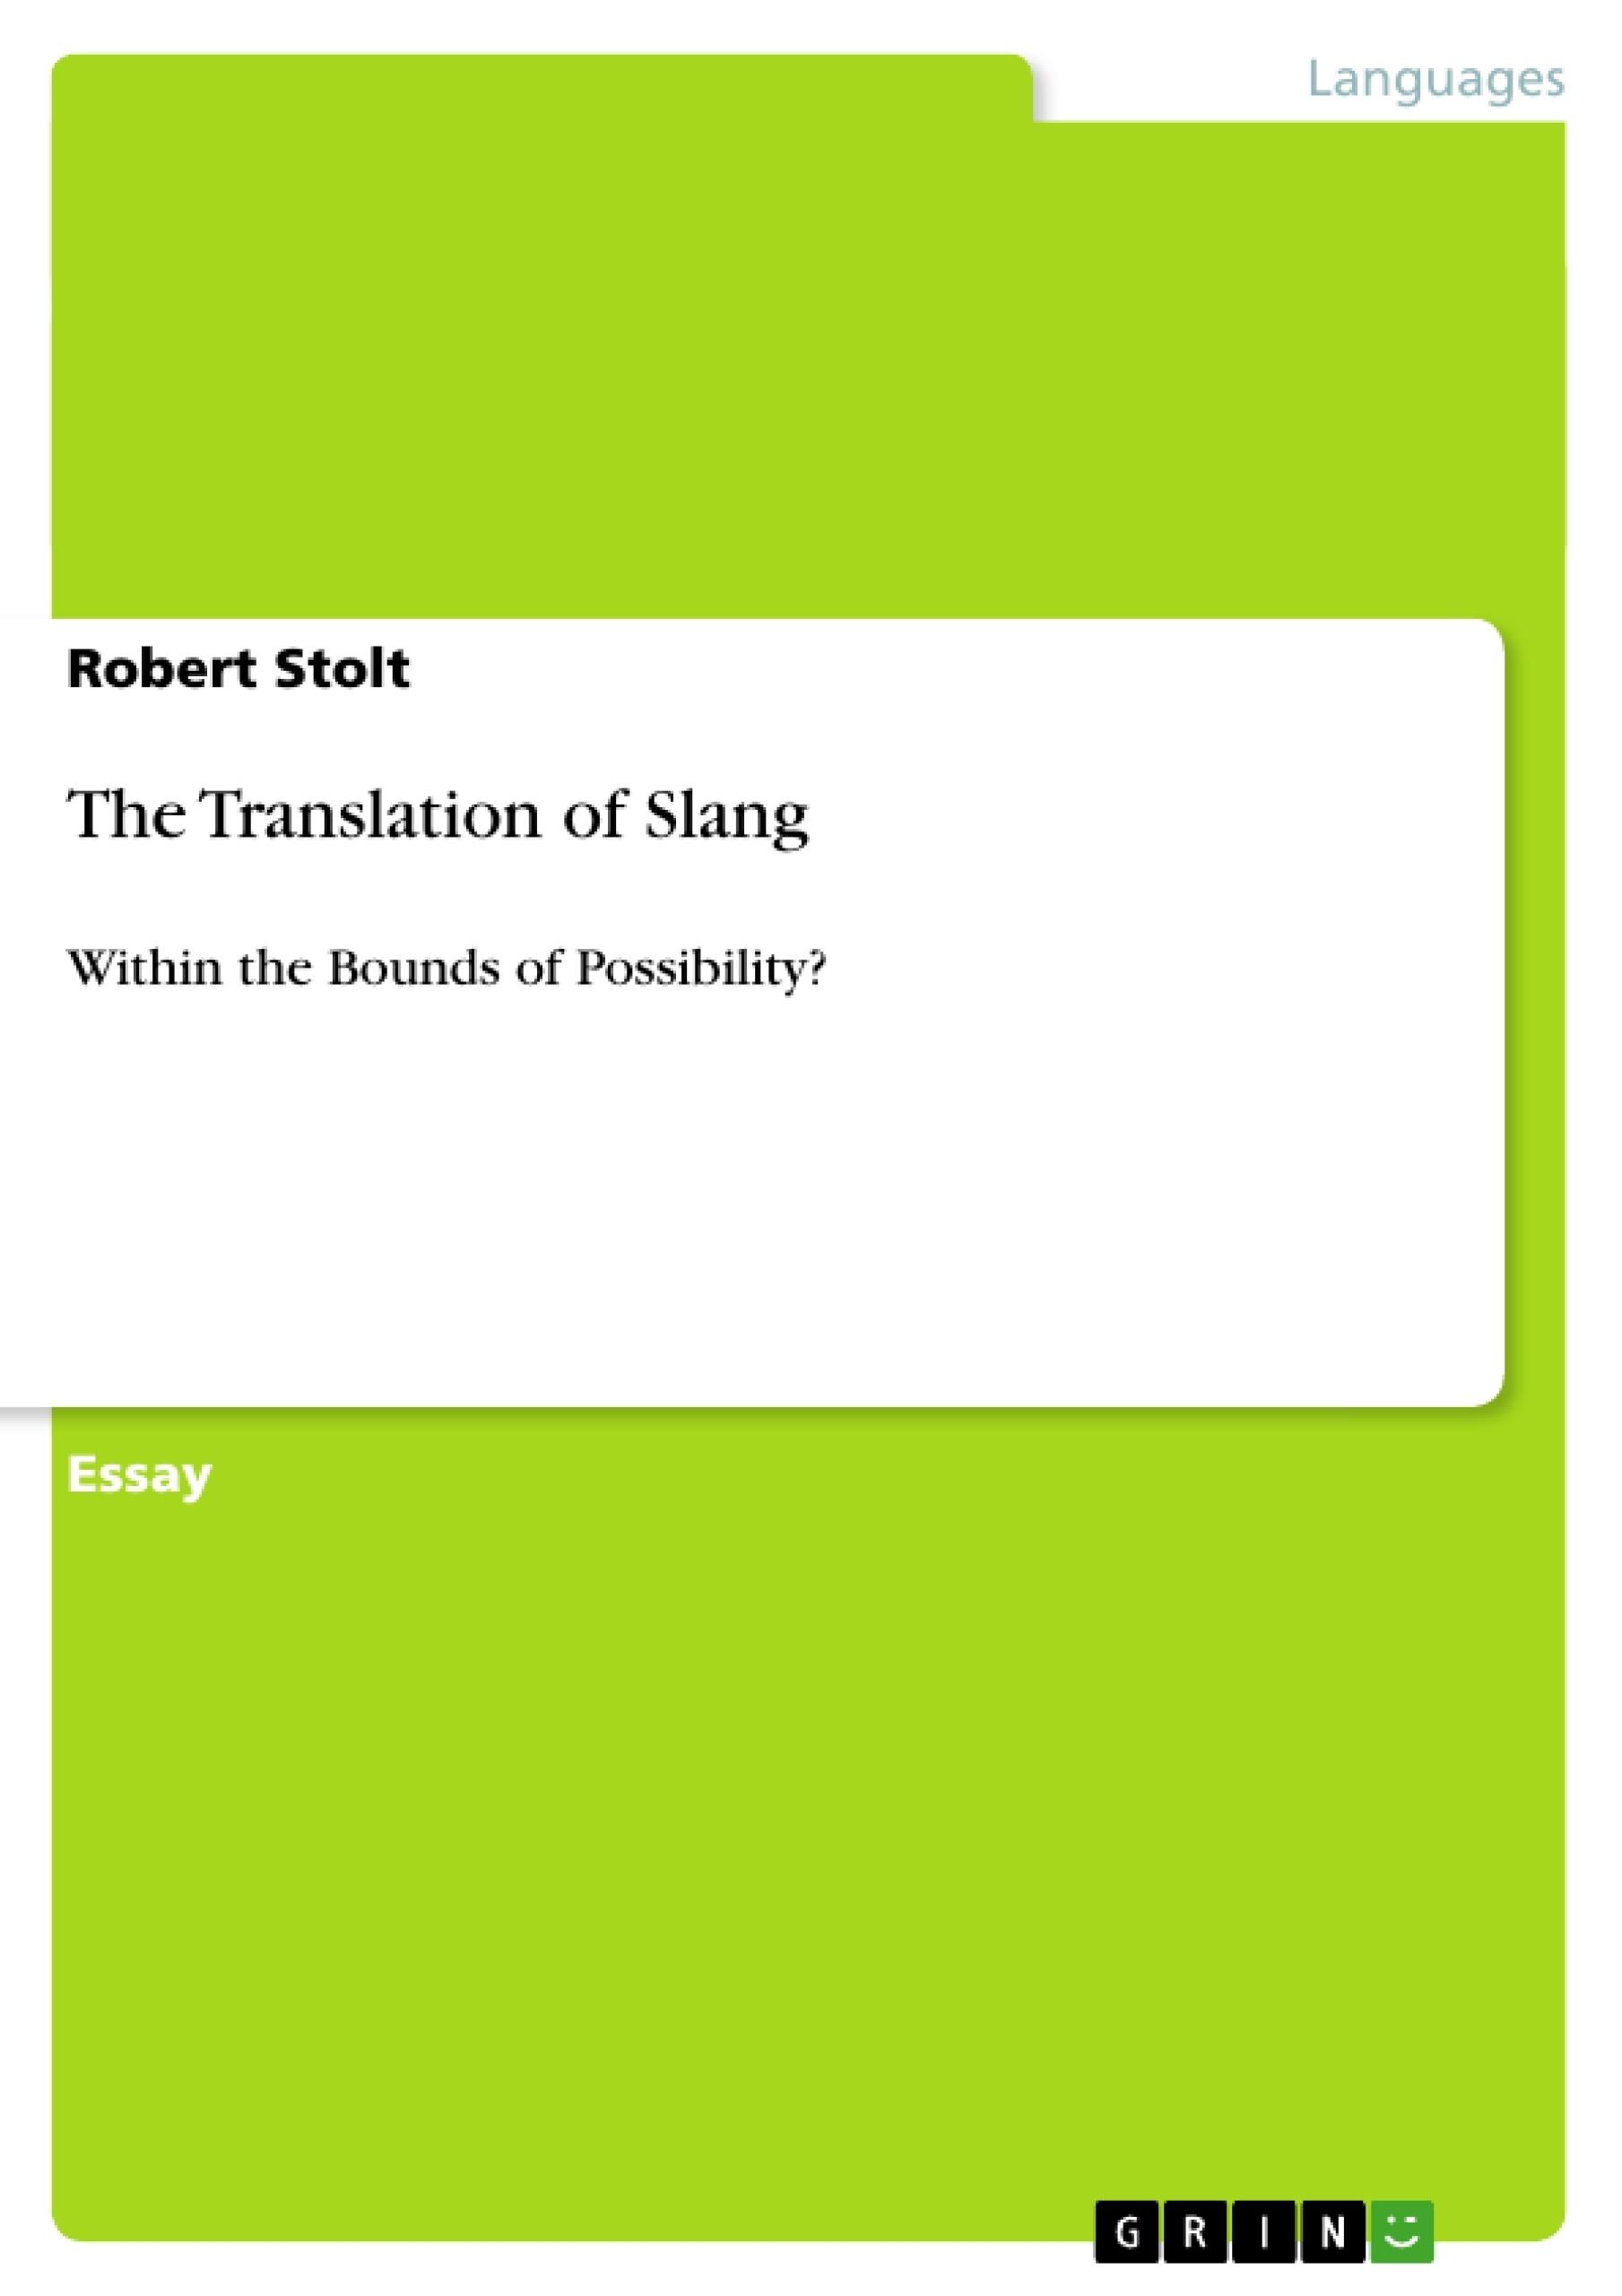 Title: The Translation of Slang